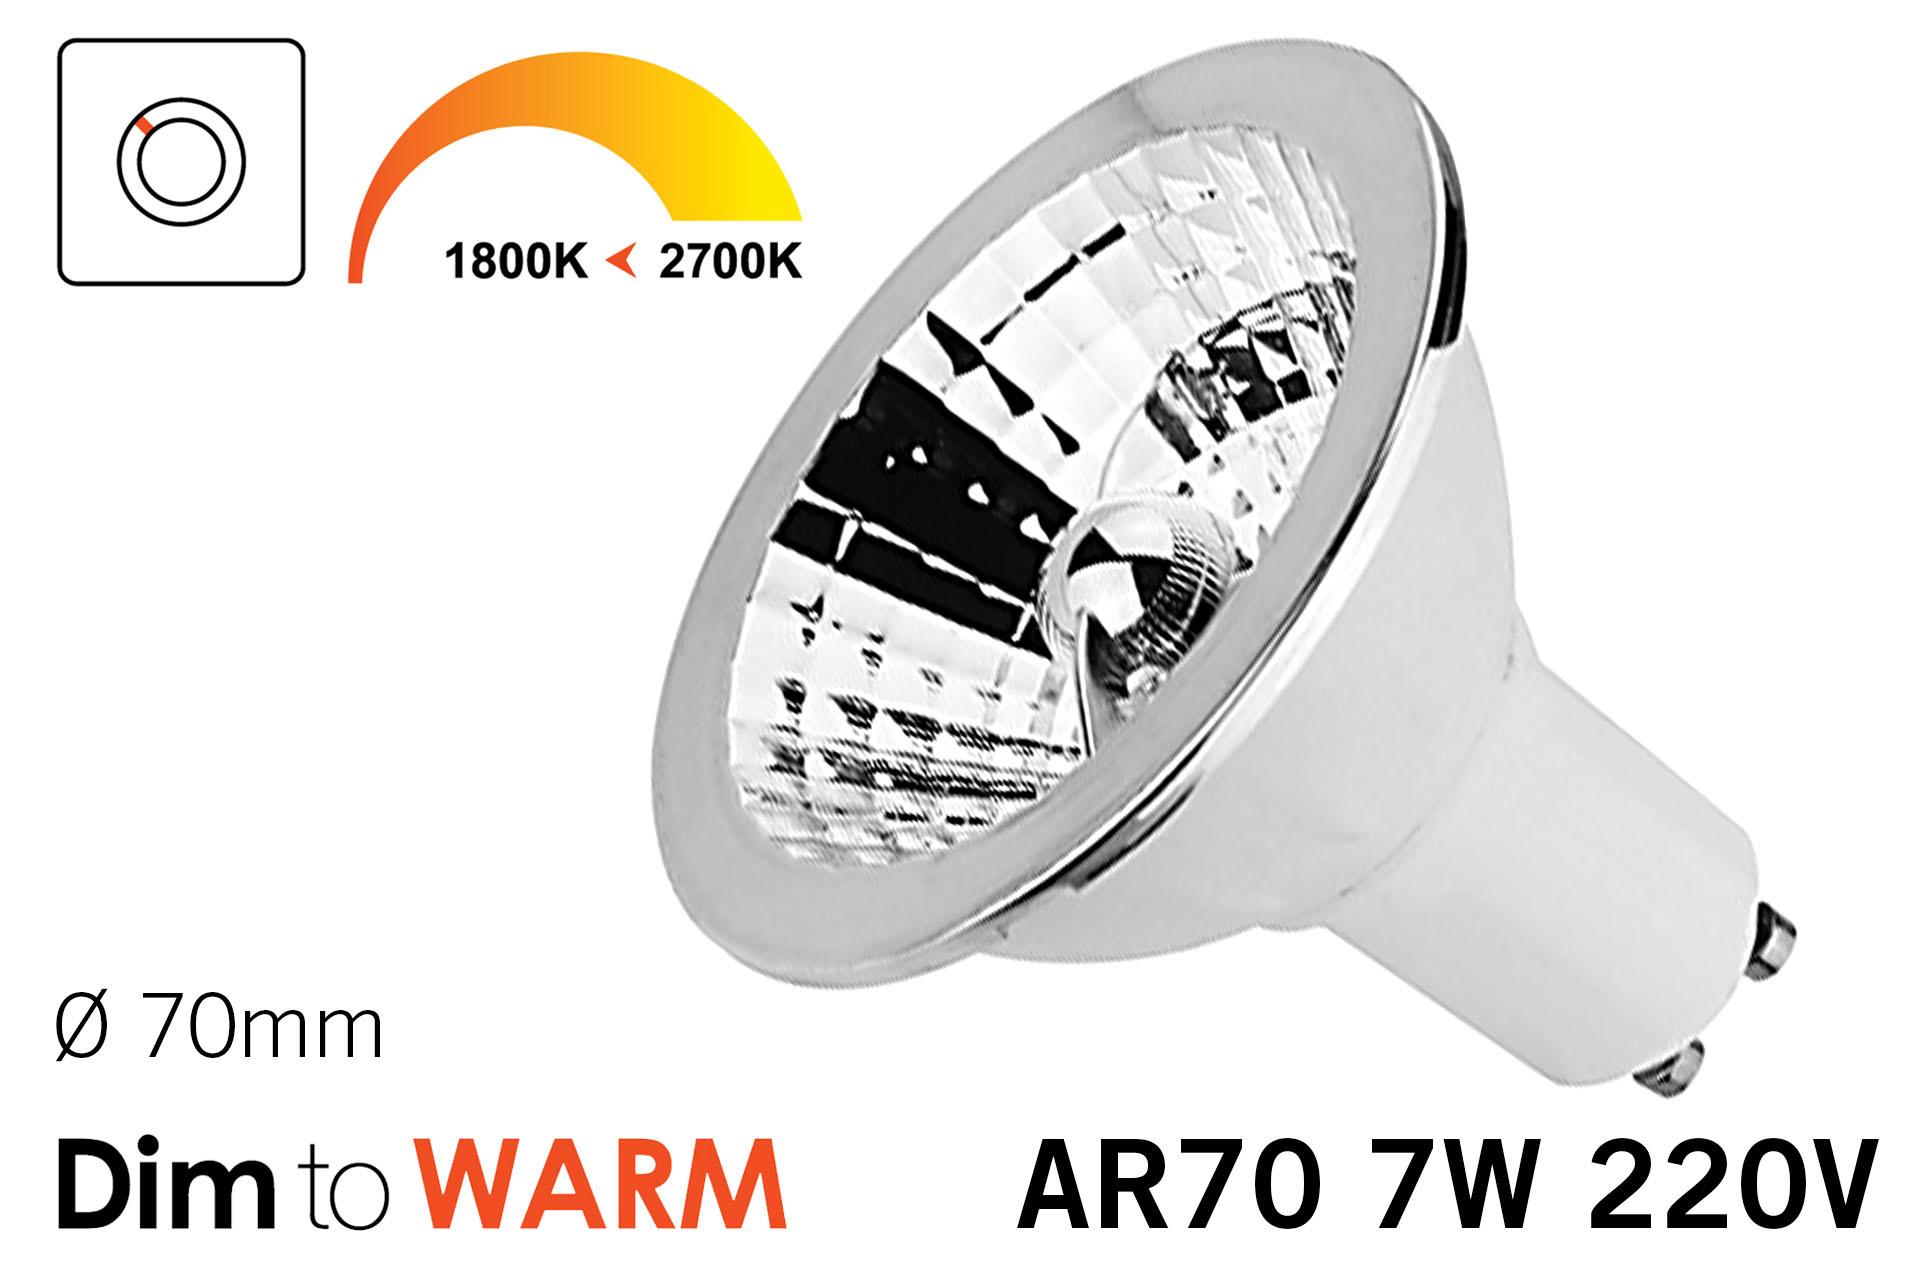 Dimbare 7W AR70 GU10 LED spot 2700K tot 1800K - Copy